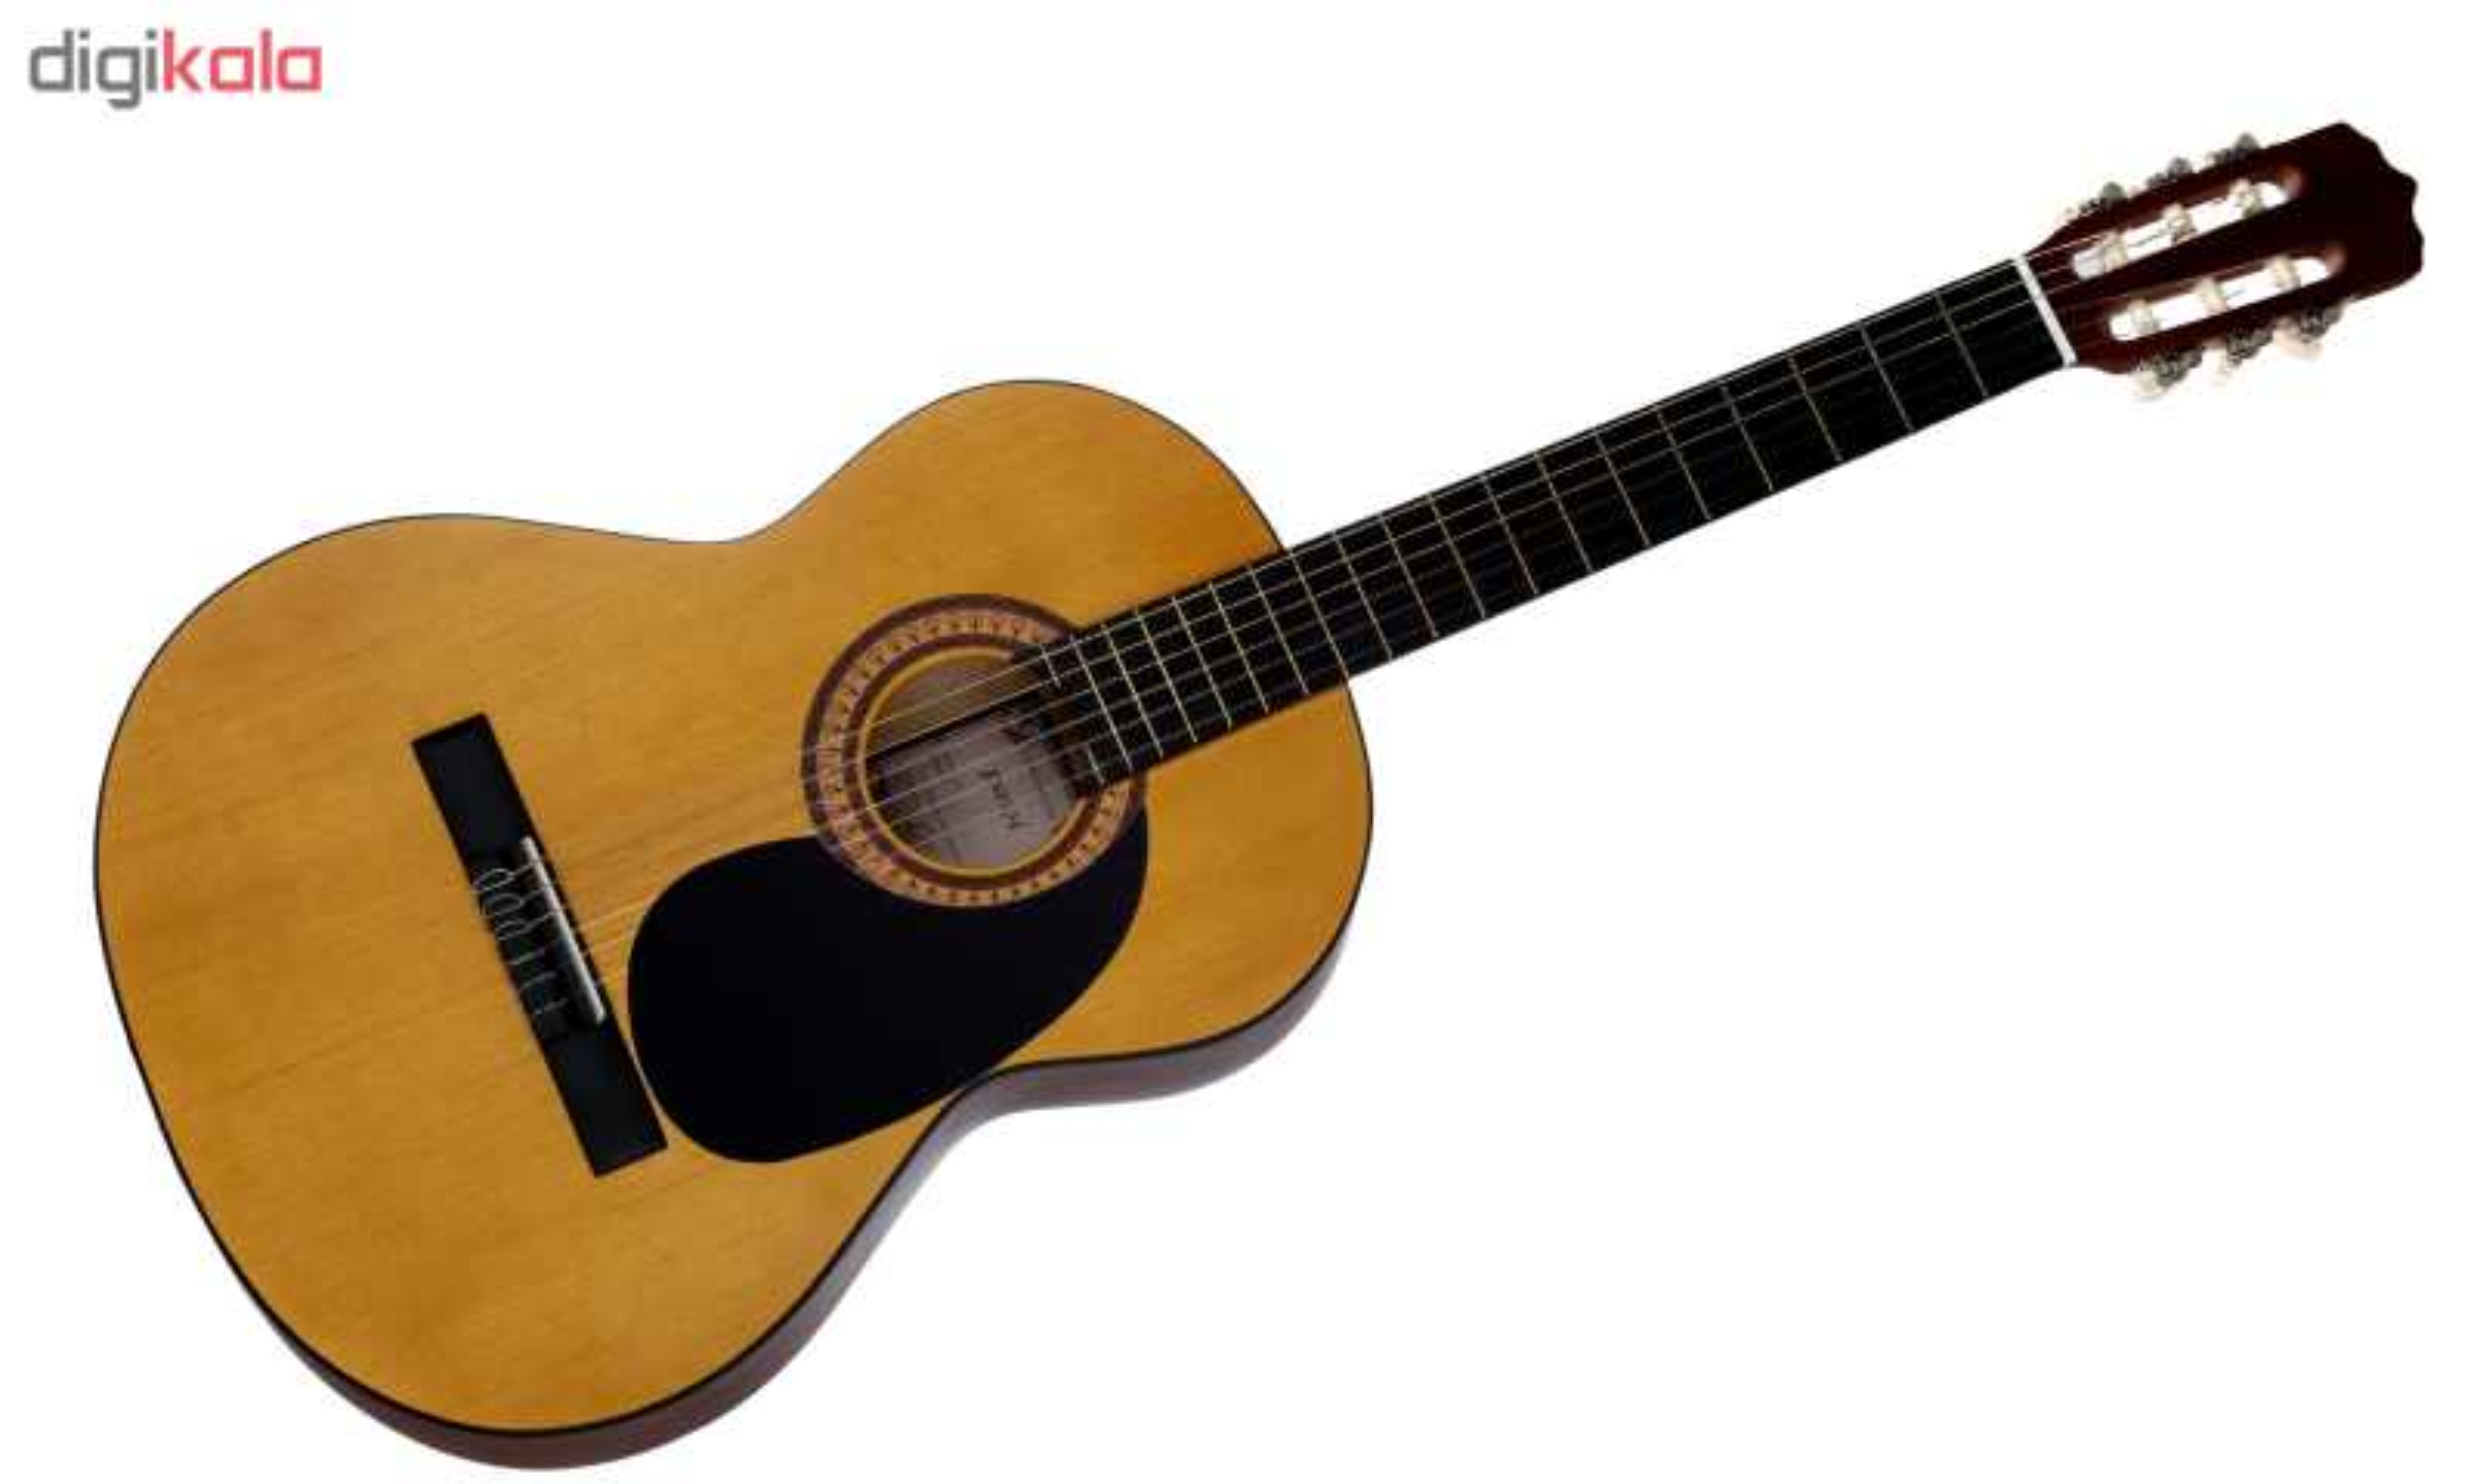 گلپیدور گیتار مدل BLACK200 main 1 2